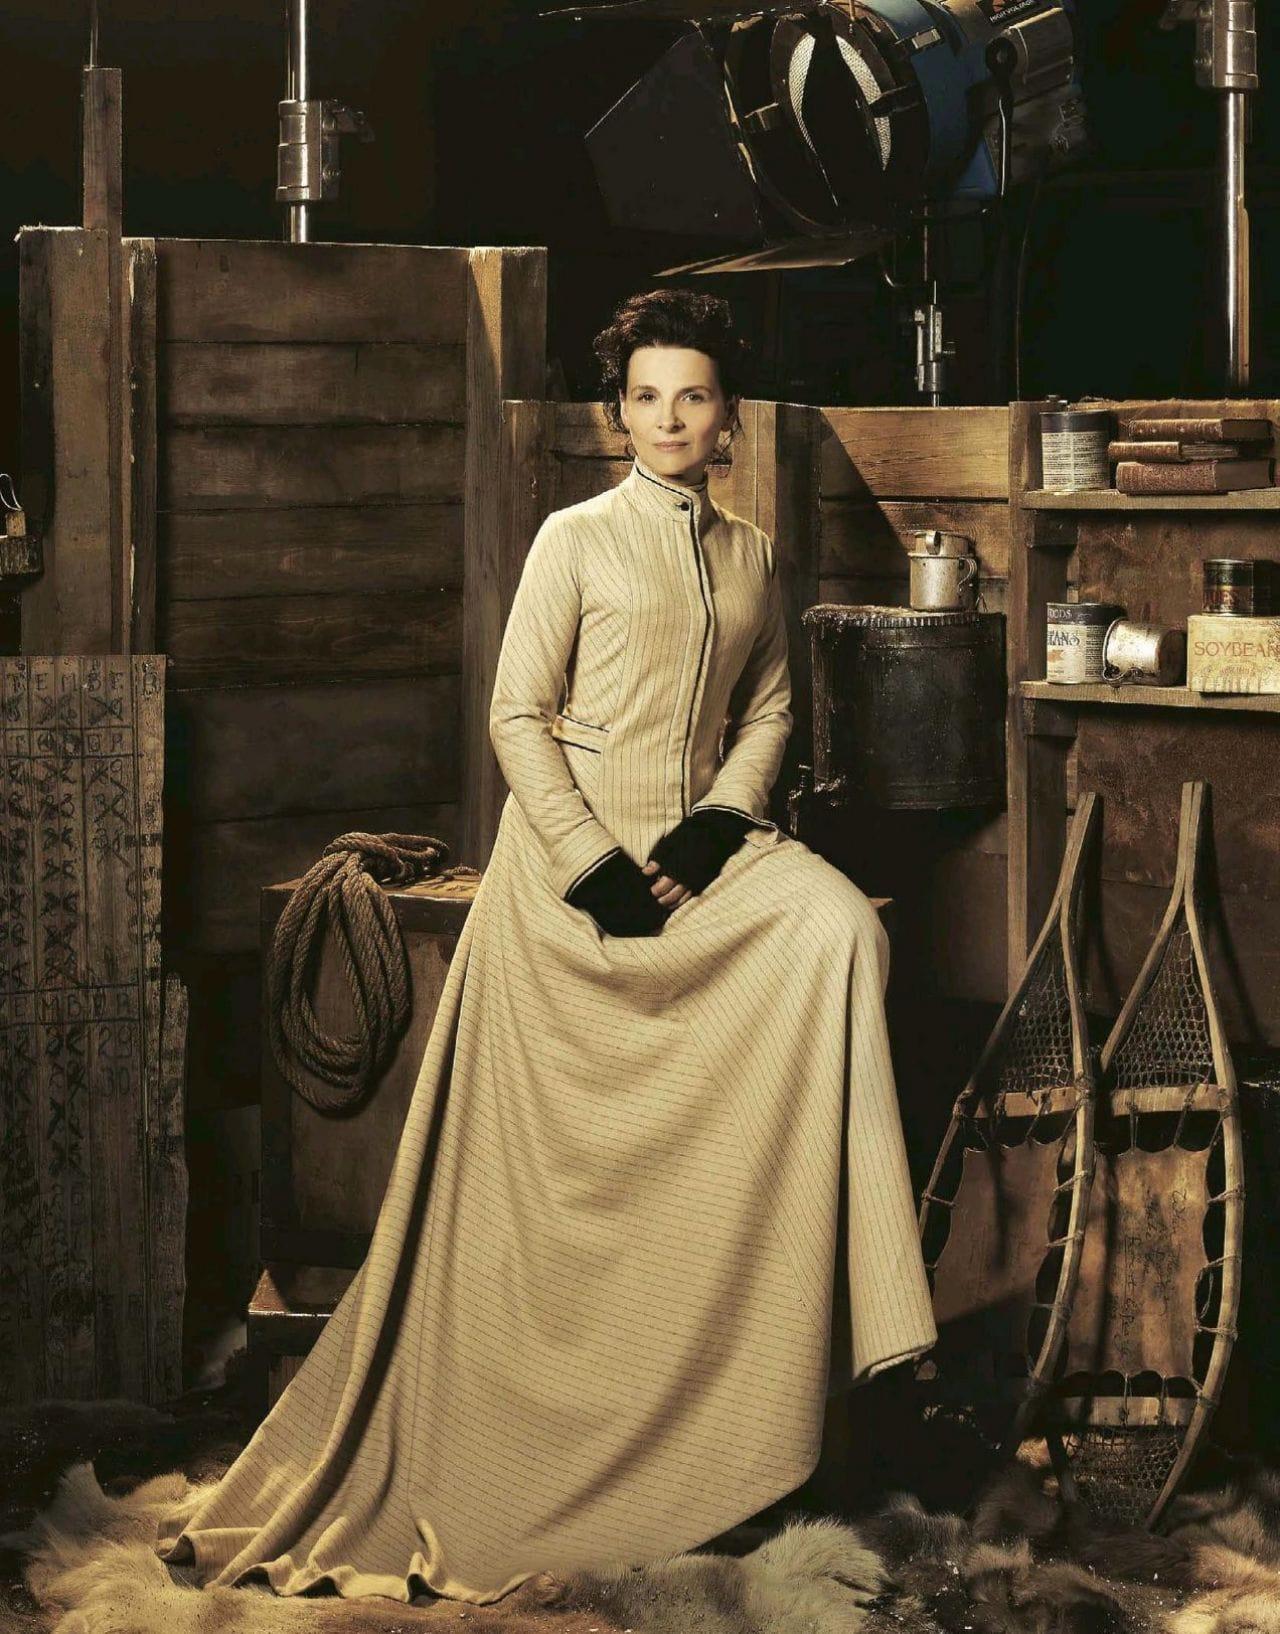 Juliette Binoche For mobile